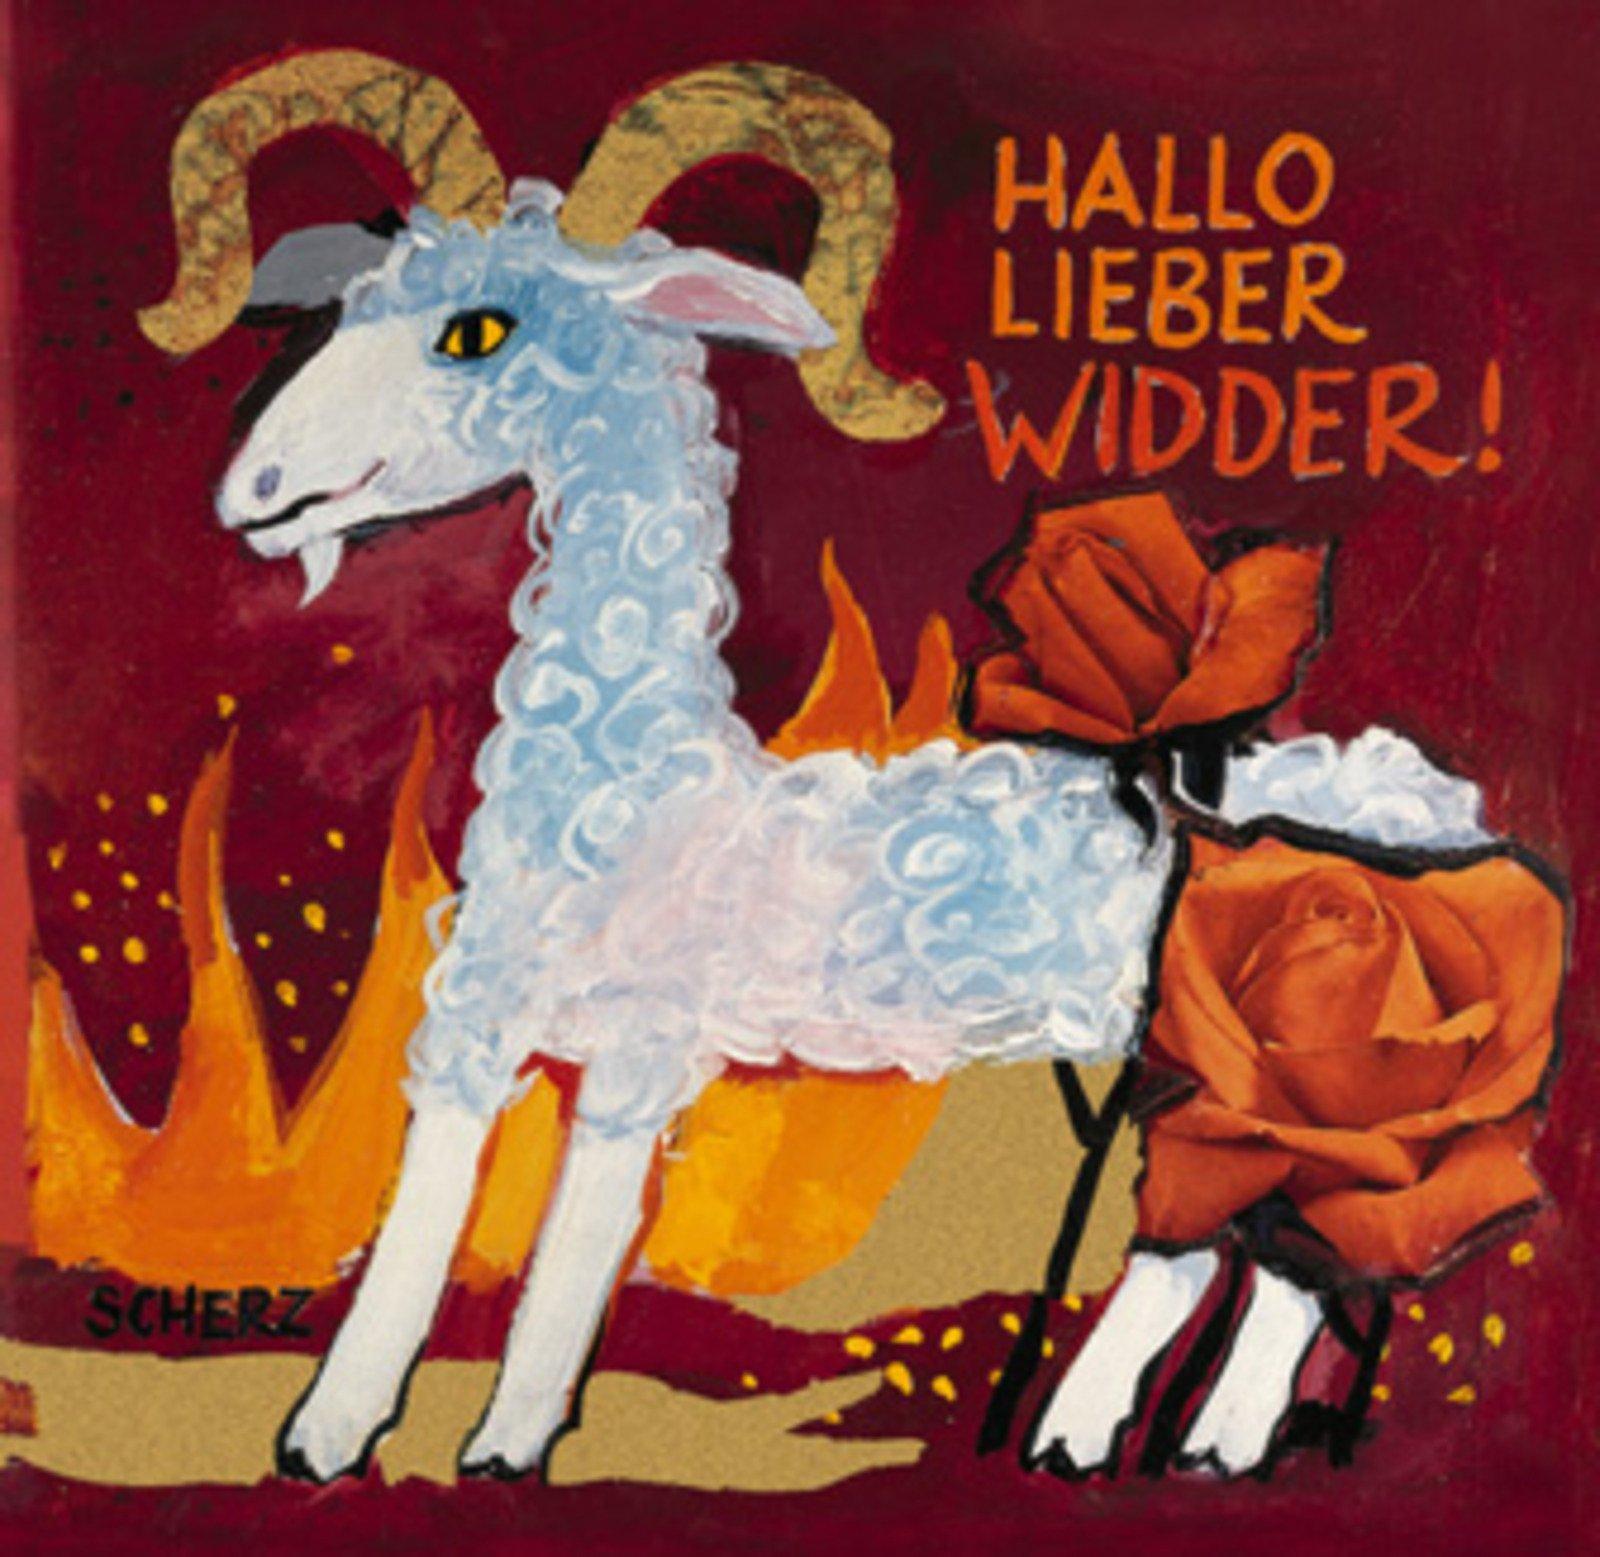 Hallo Lieber Widder!